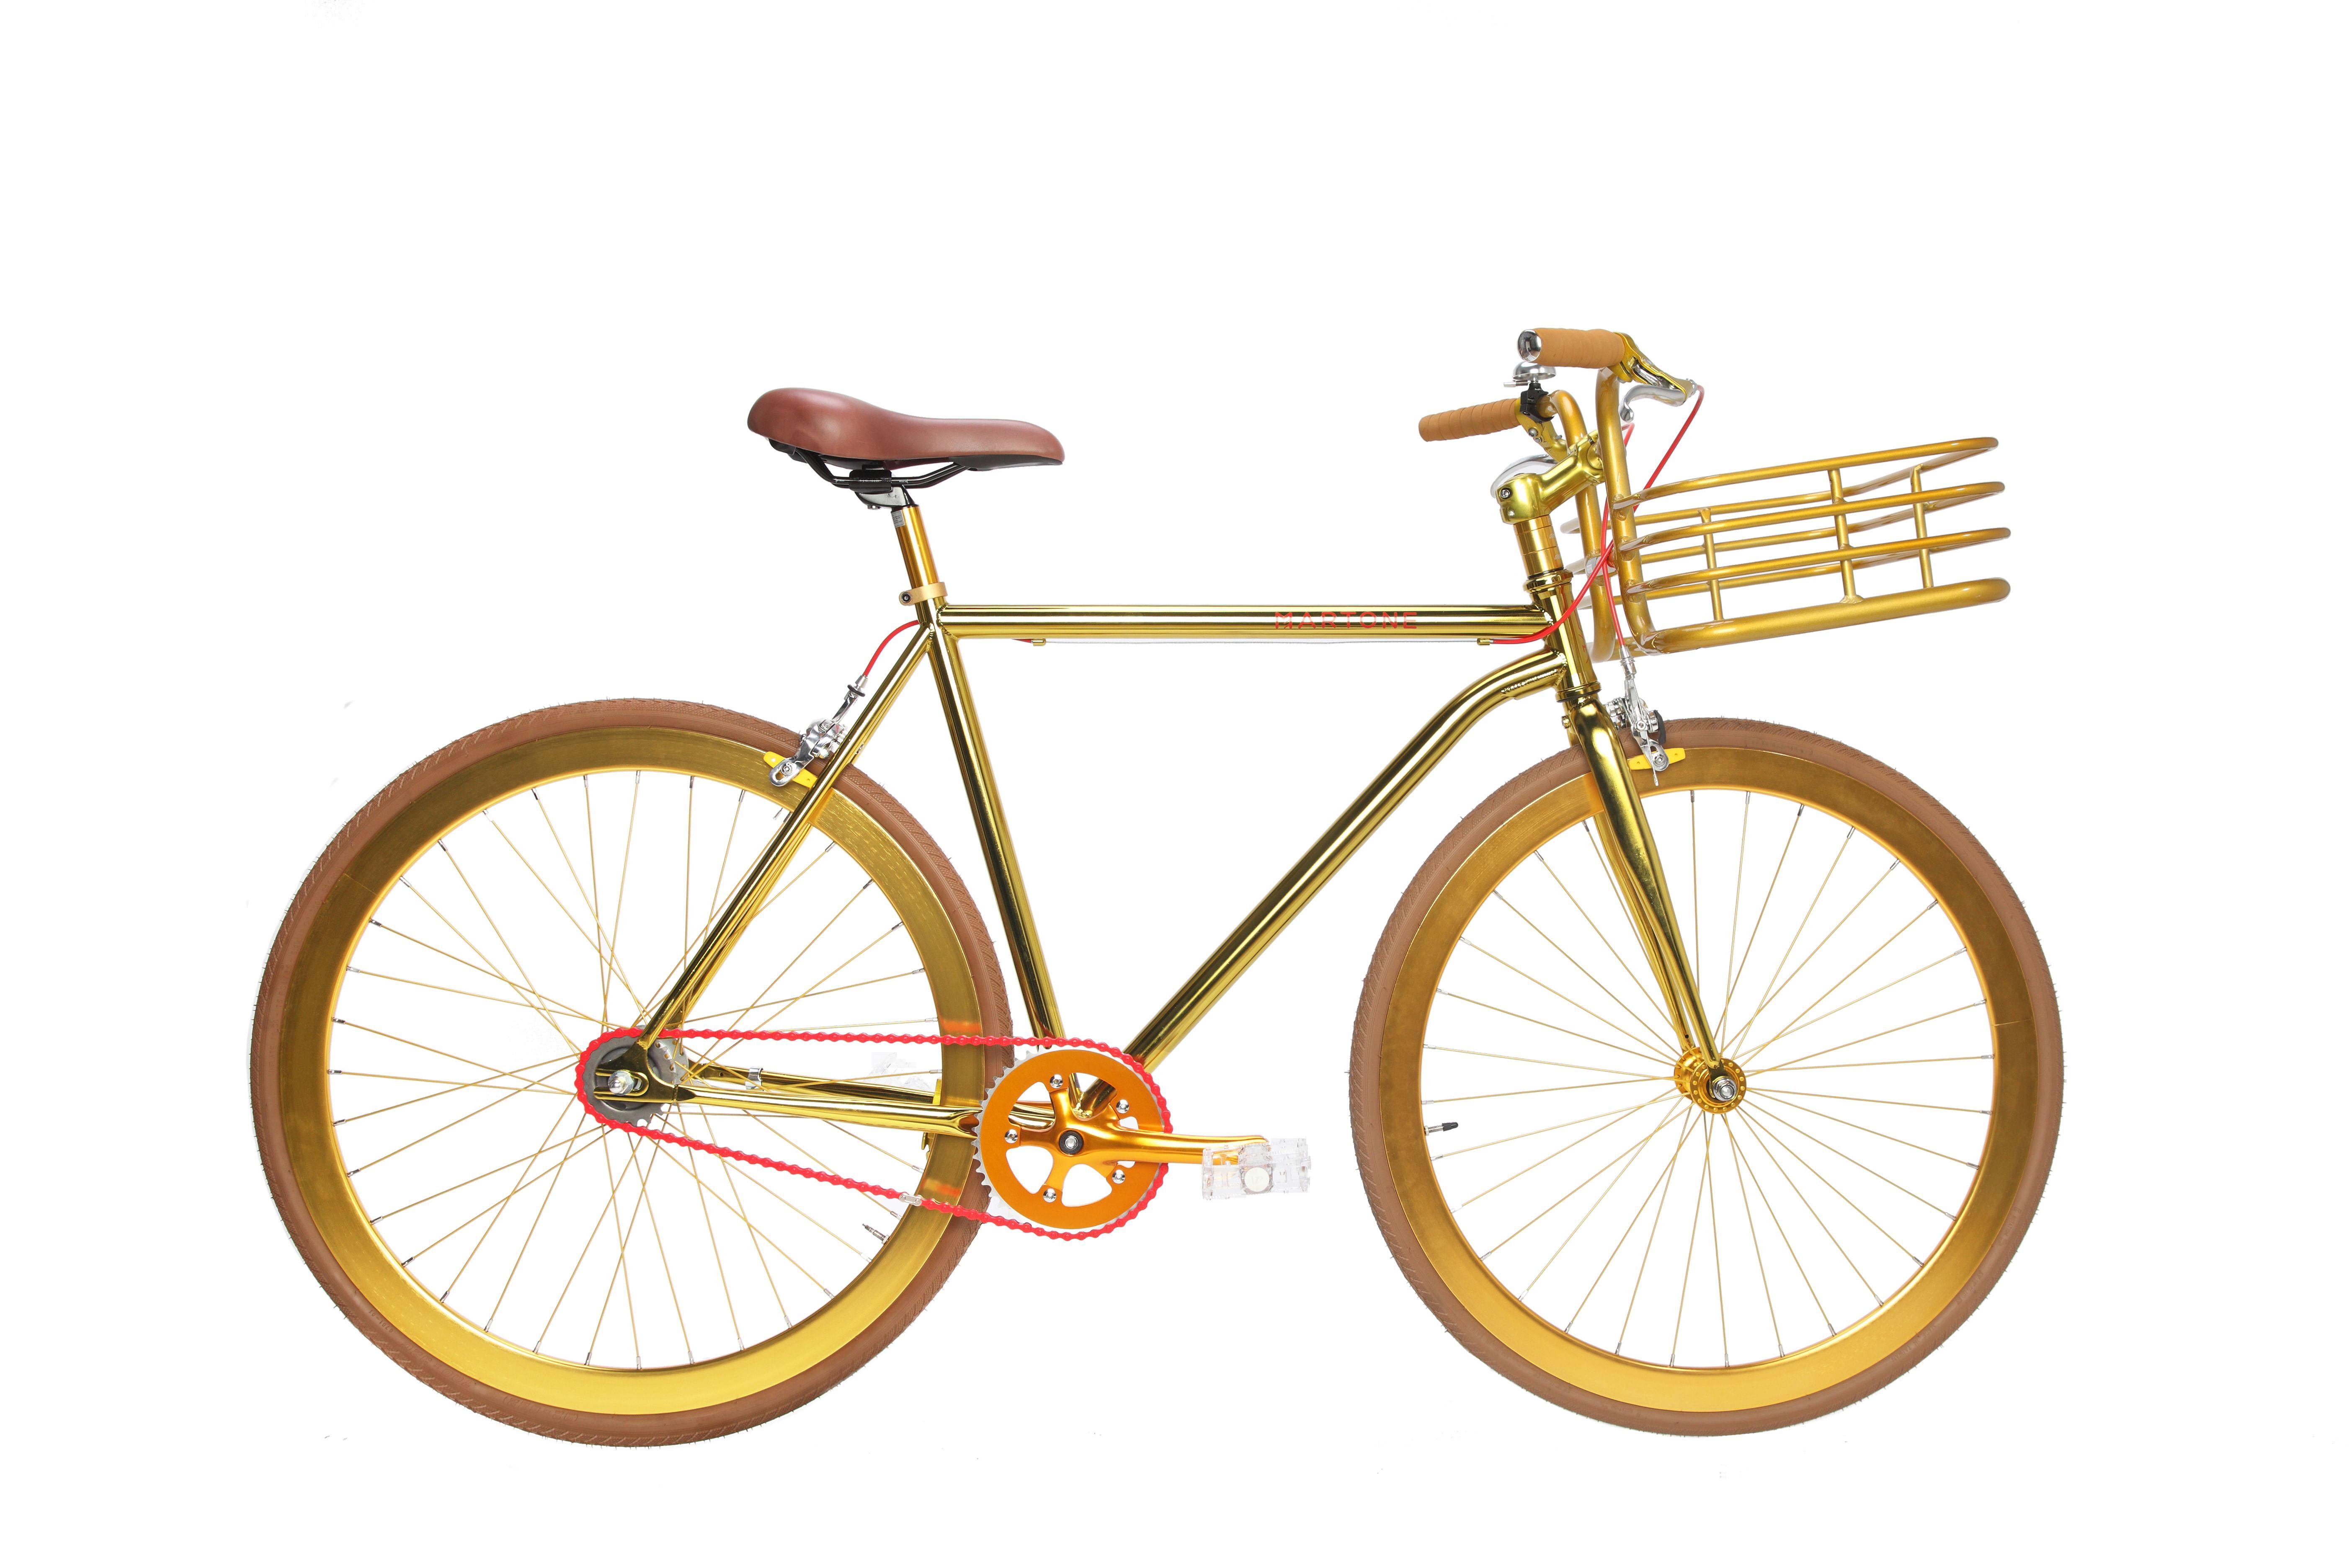 золотой велосипед фото закладывать